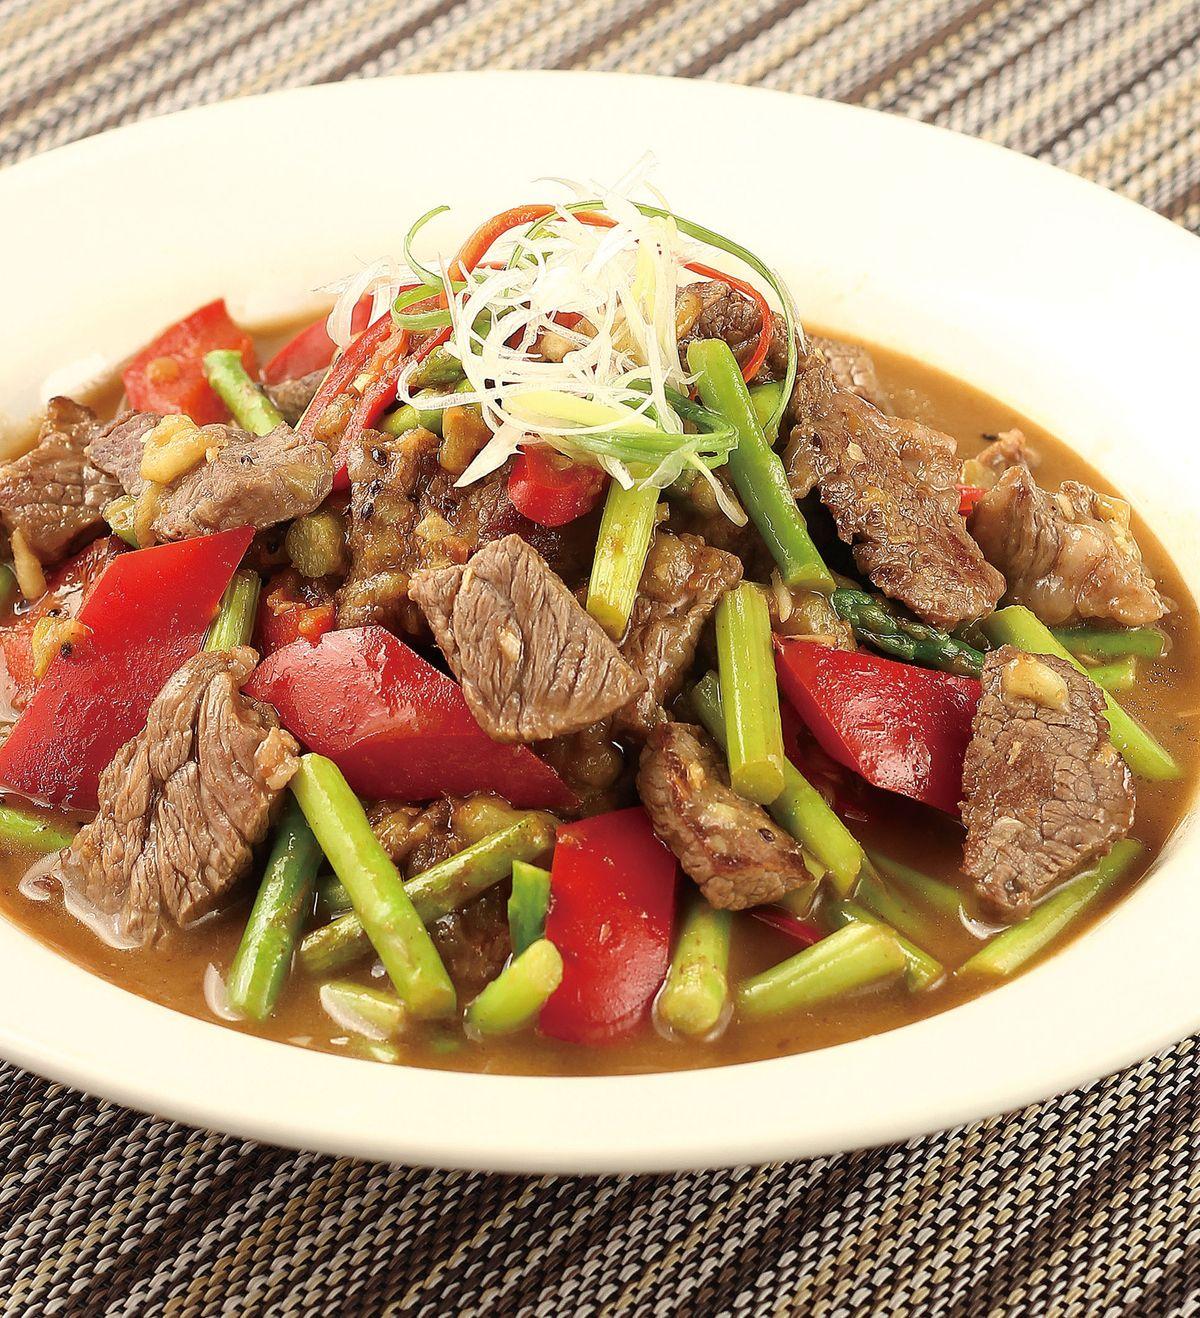 食譜:碧玉炒牛肉